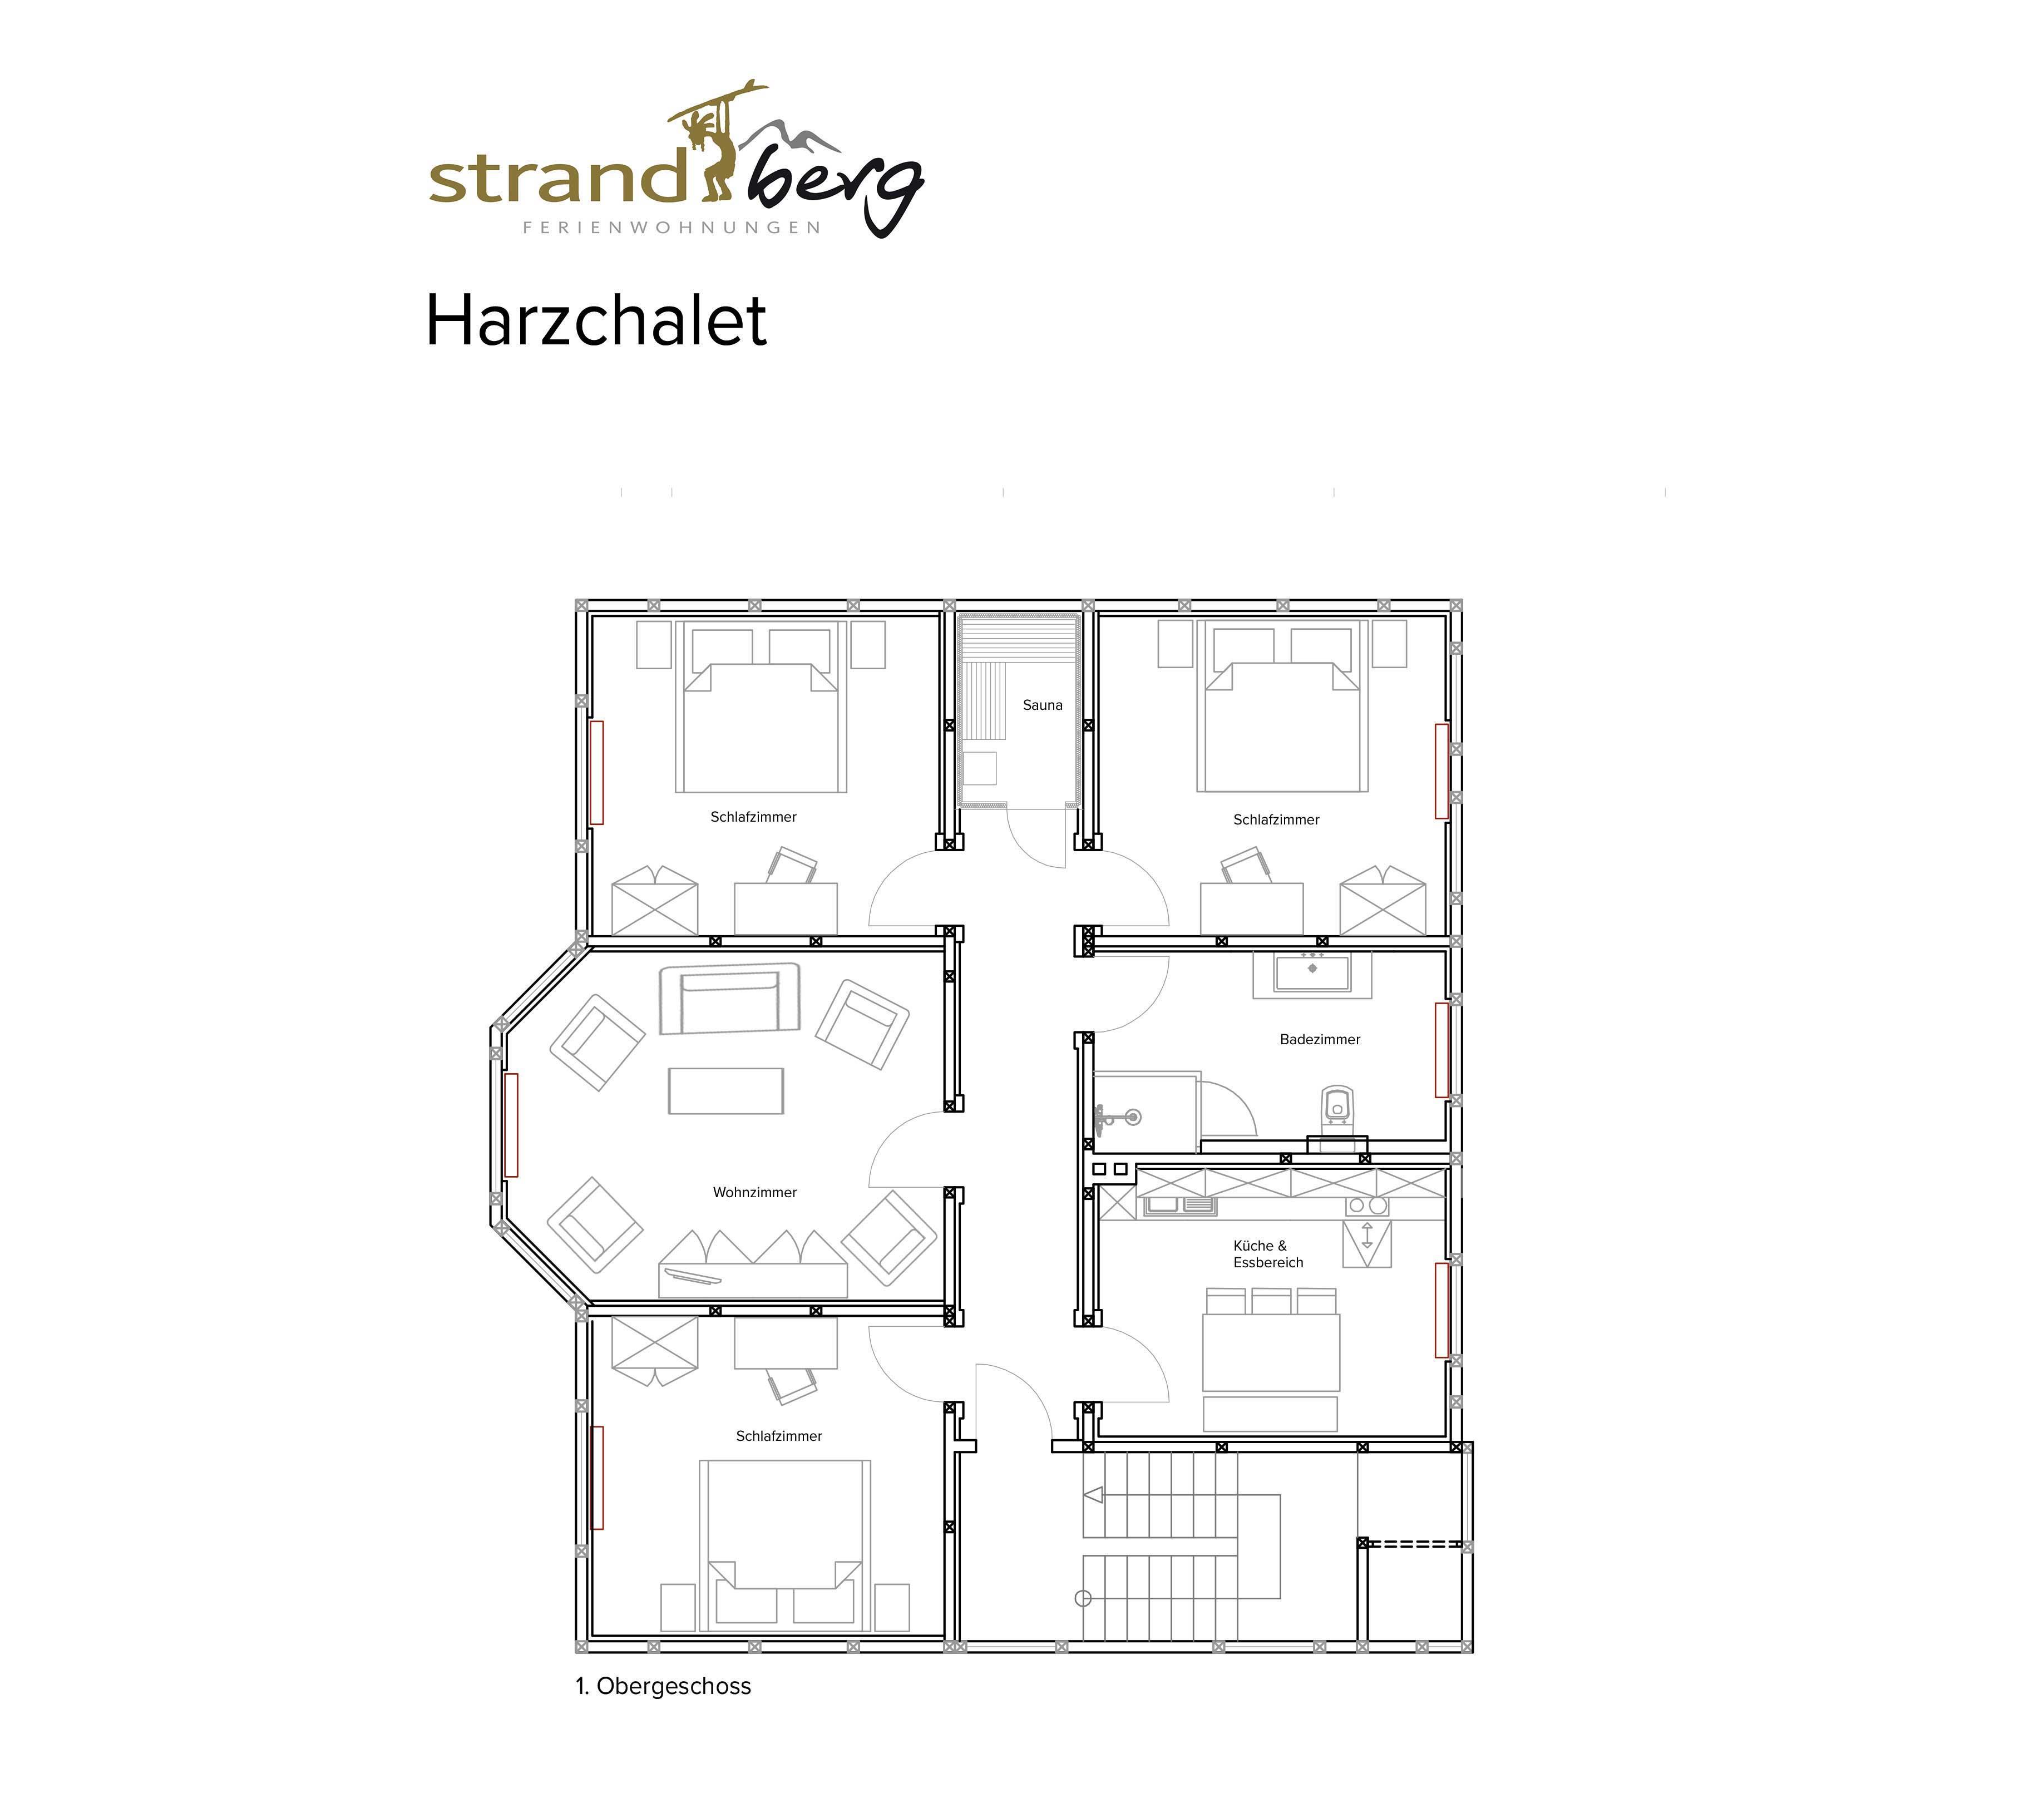 Harzchalet - Grundriss